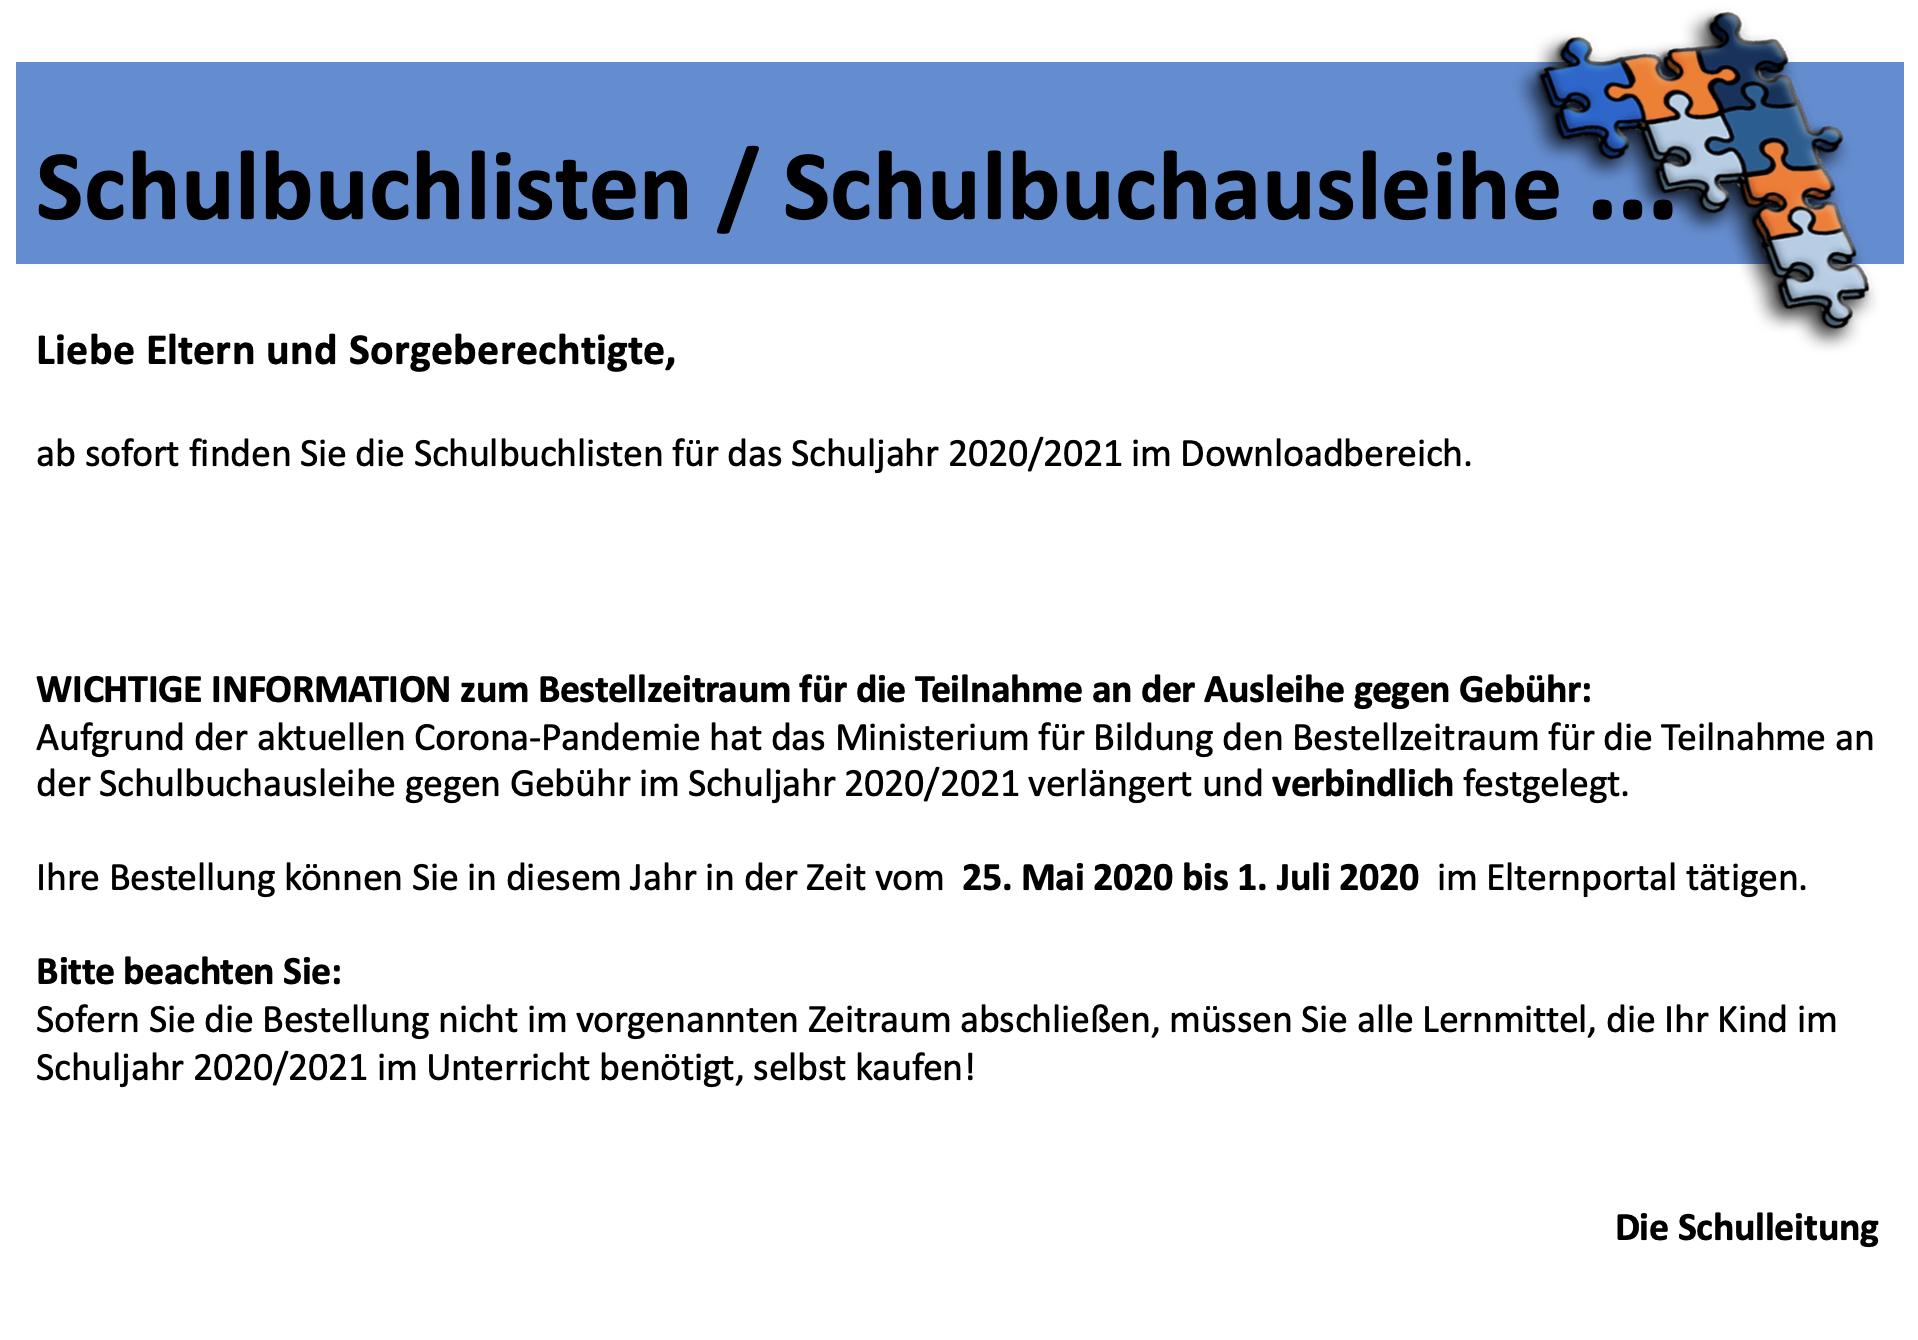 Bildschirmfoto 2020-05-28 um 11.58.23